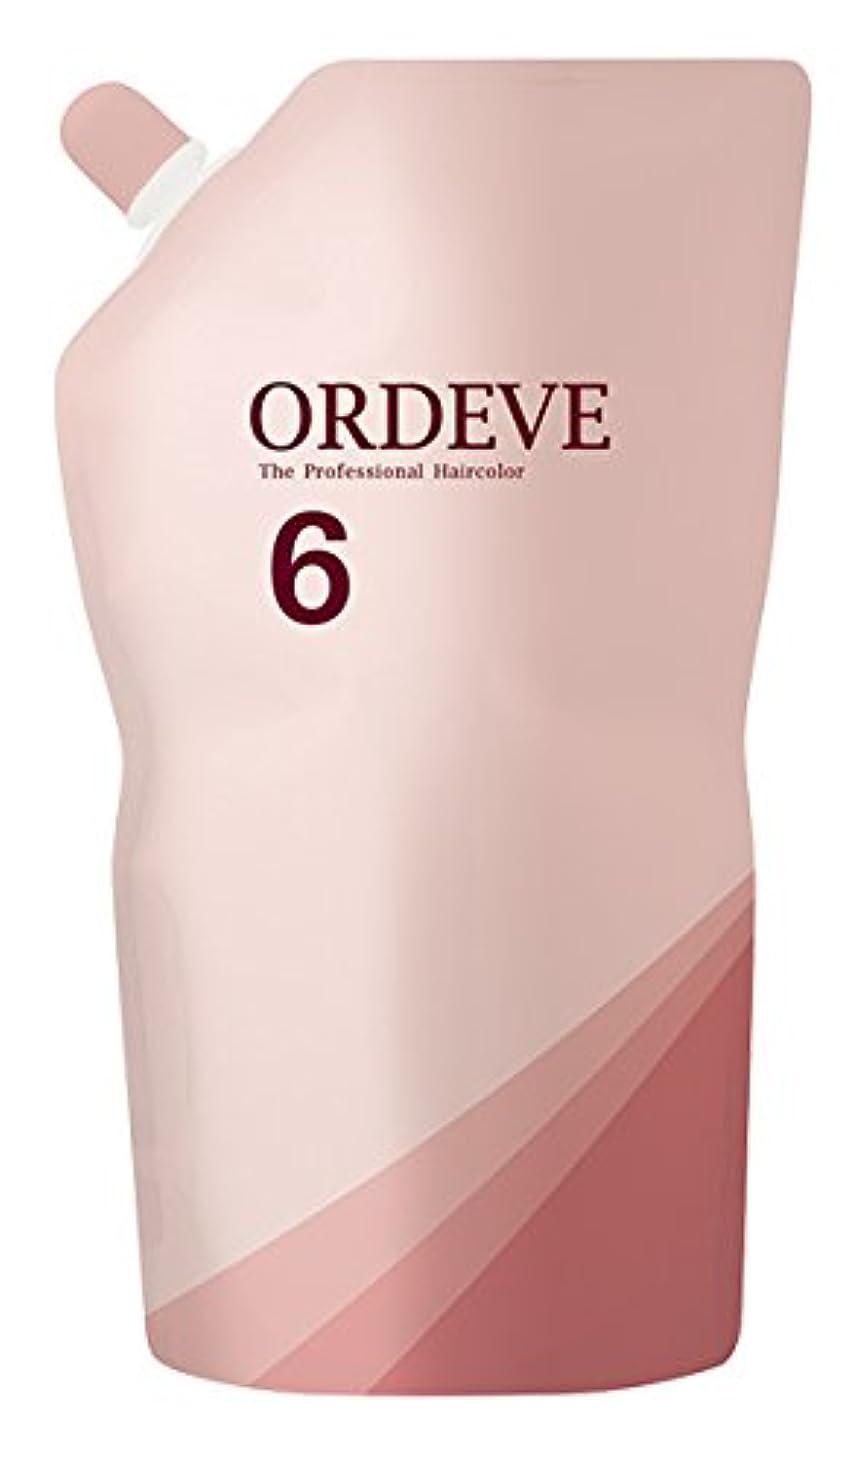 病完璧介入するORDEVE(オルディーブ) ヘアカラー 第2剤 OX(オキシダン) 3% 1000ml